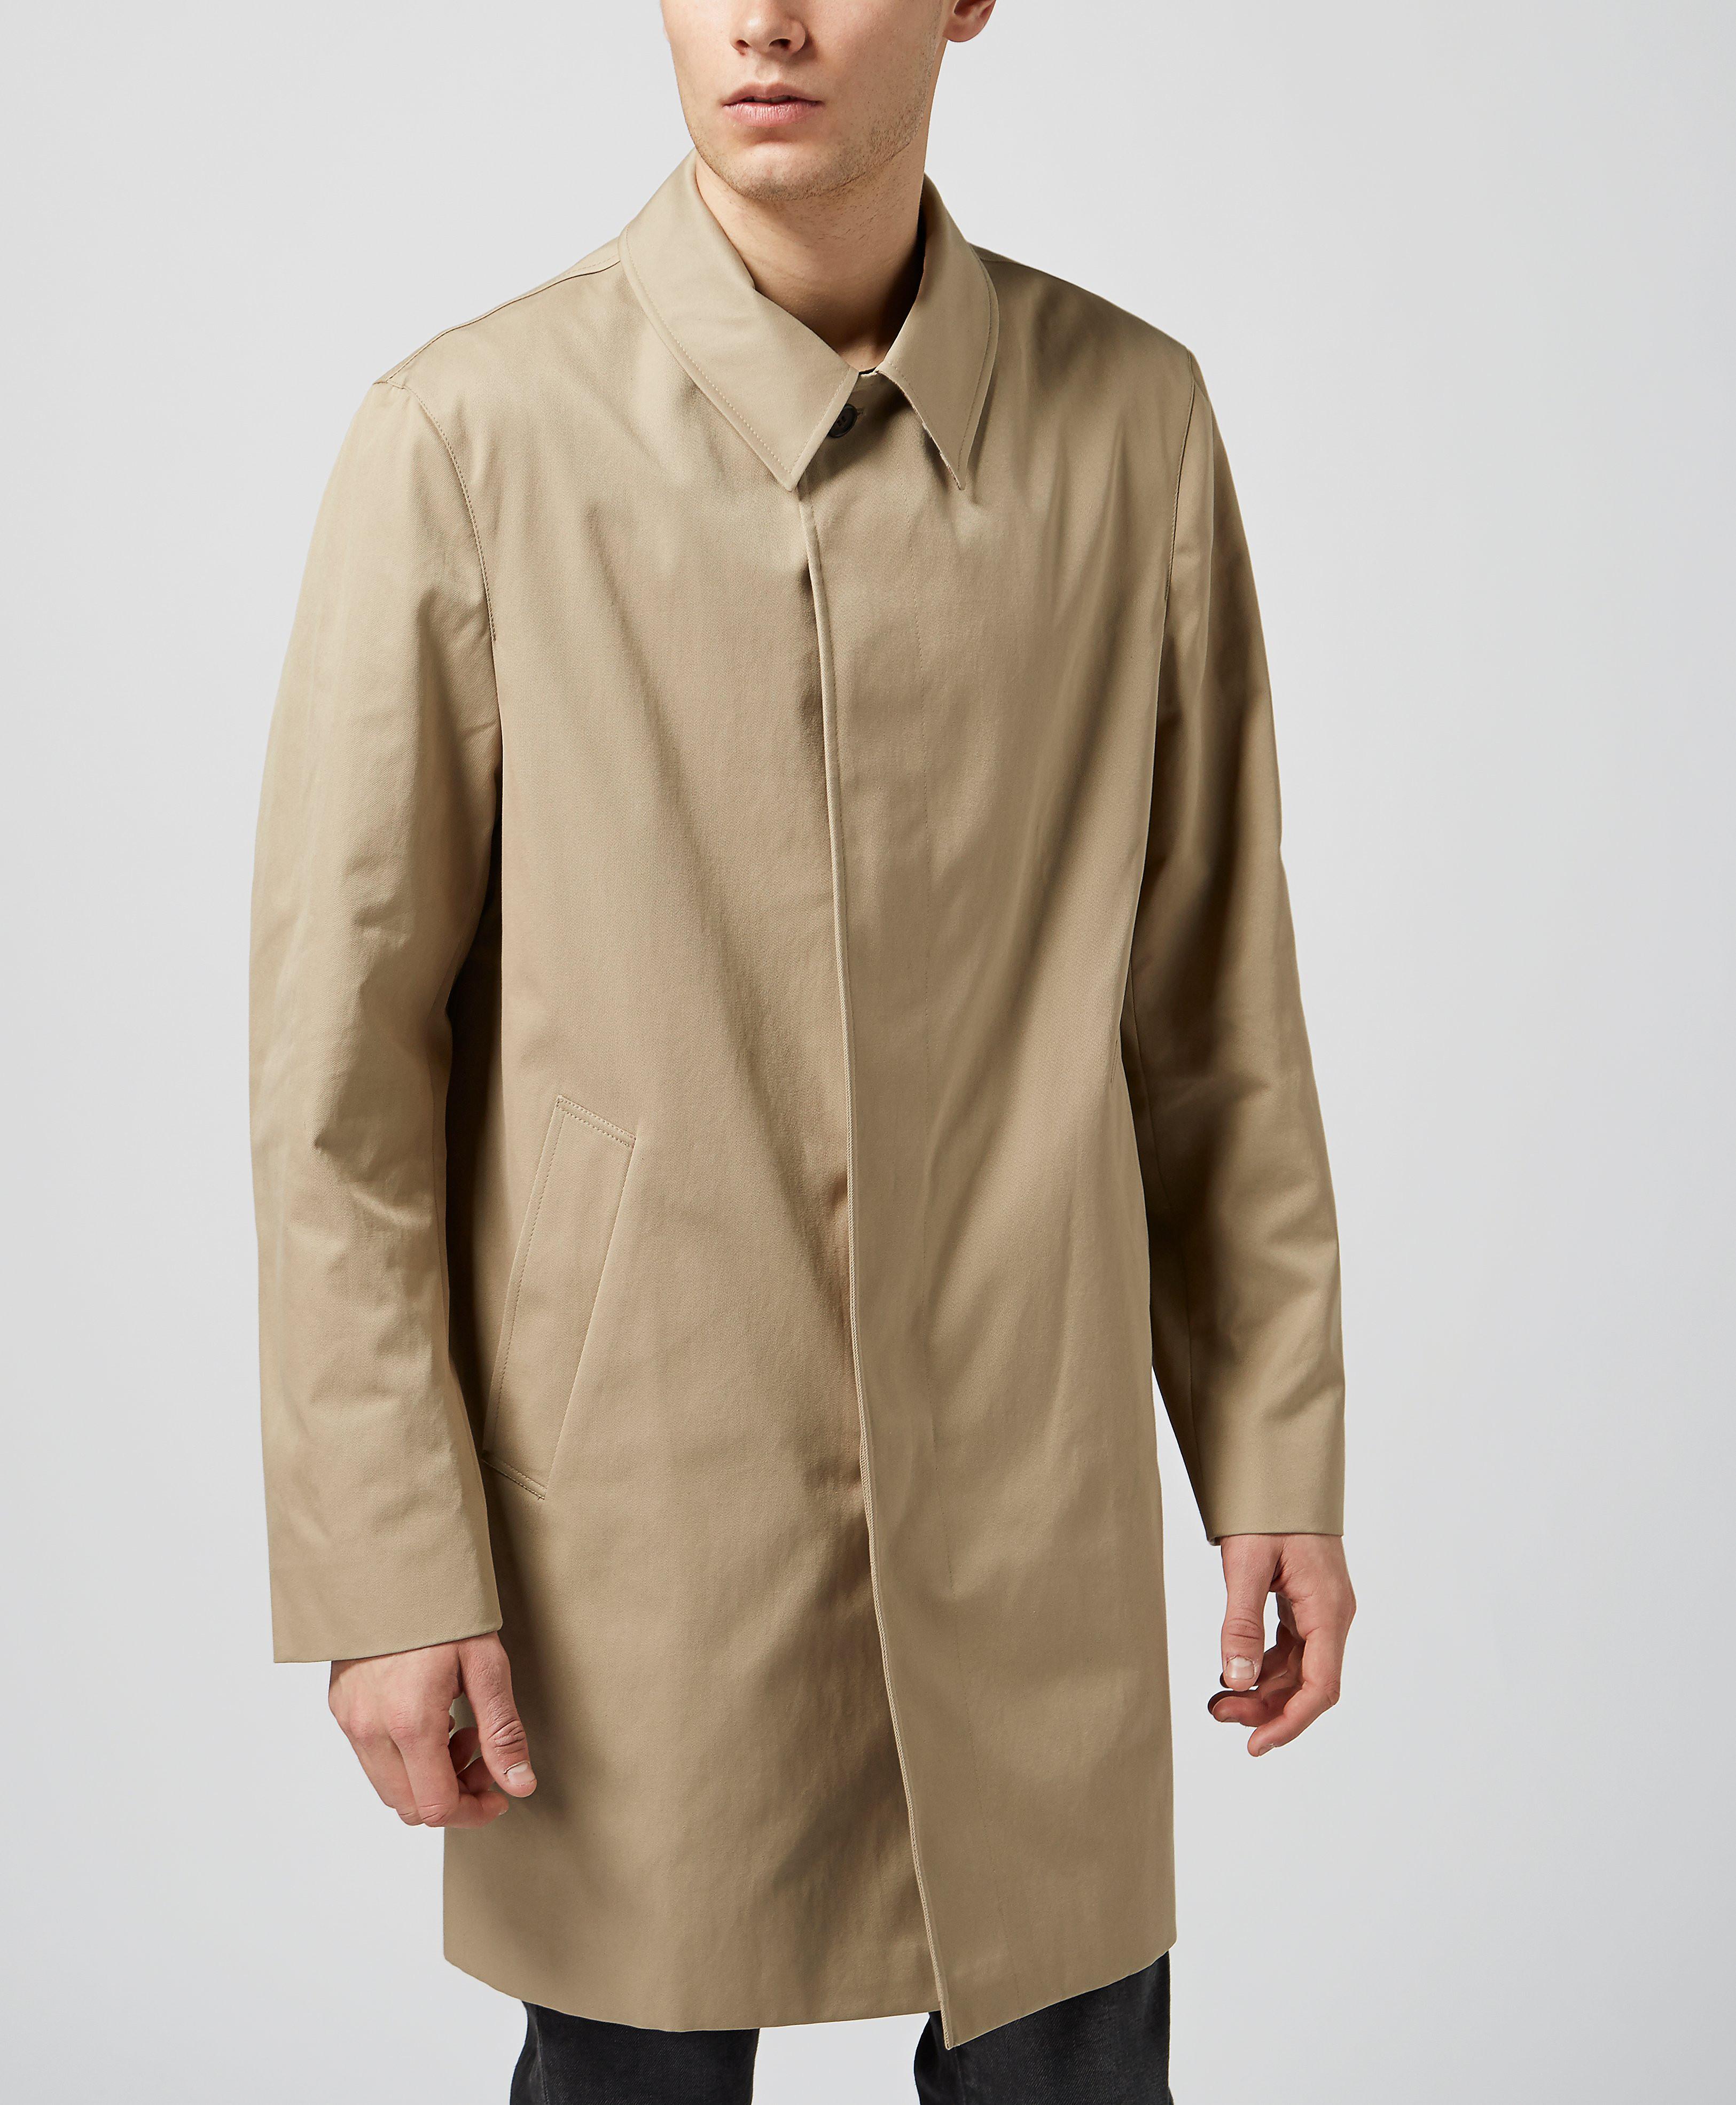 cách phối quần áo nam với áo đi mưa